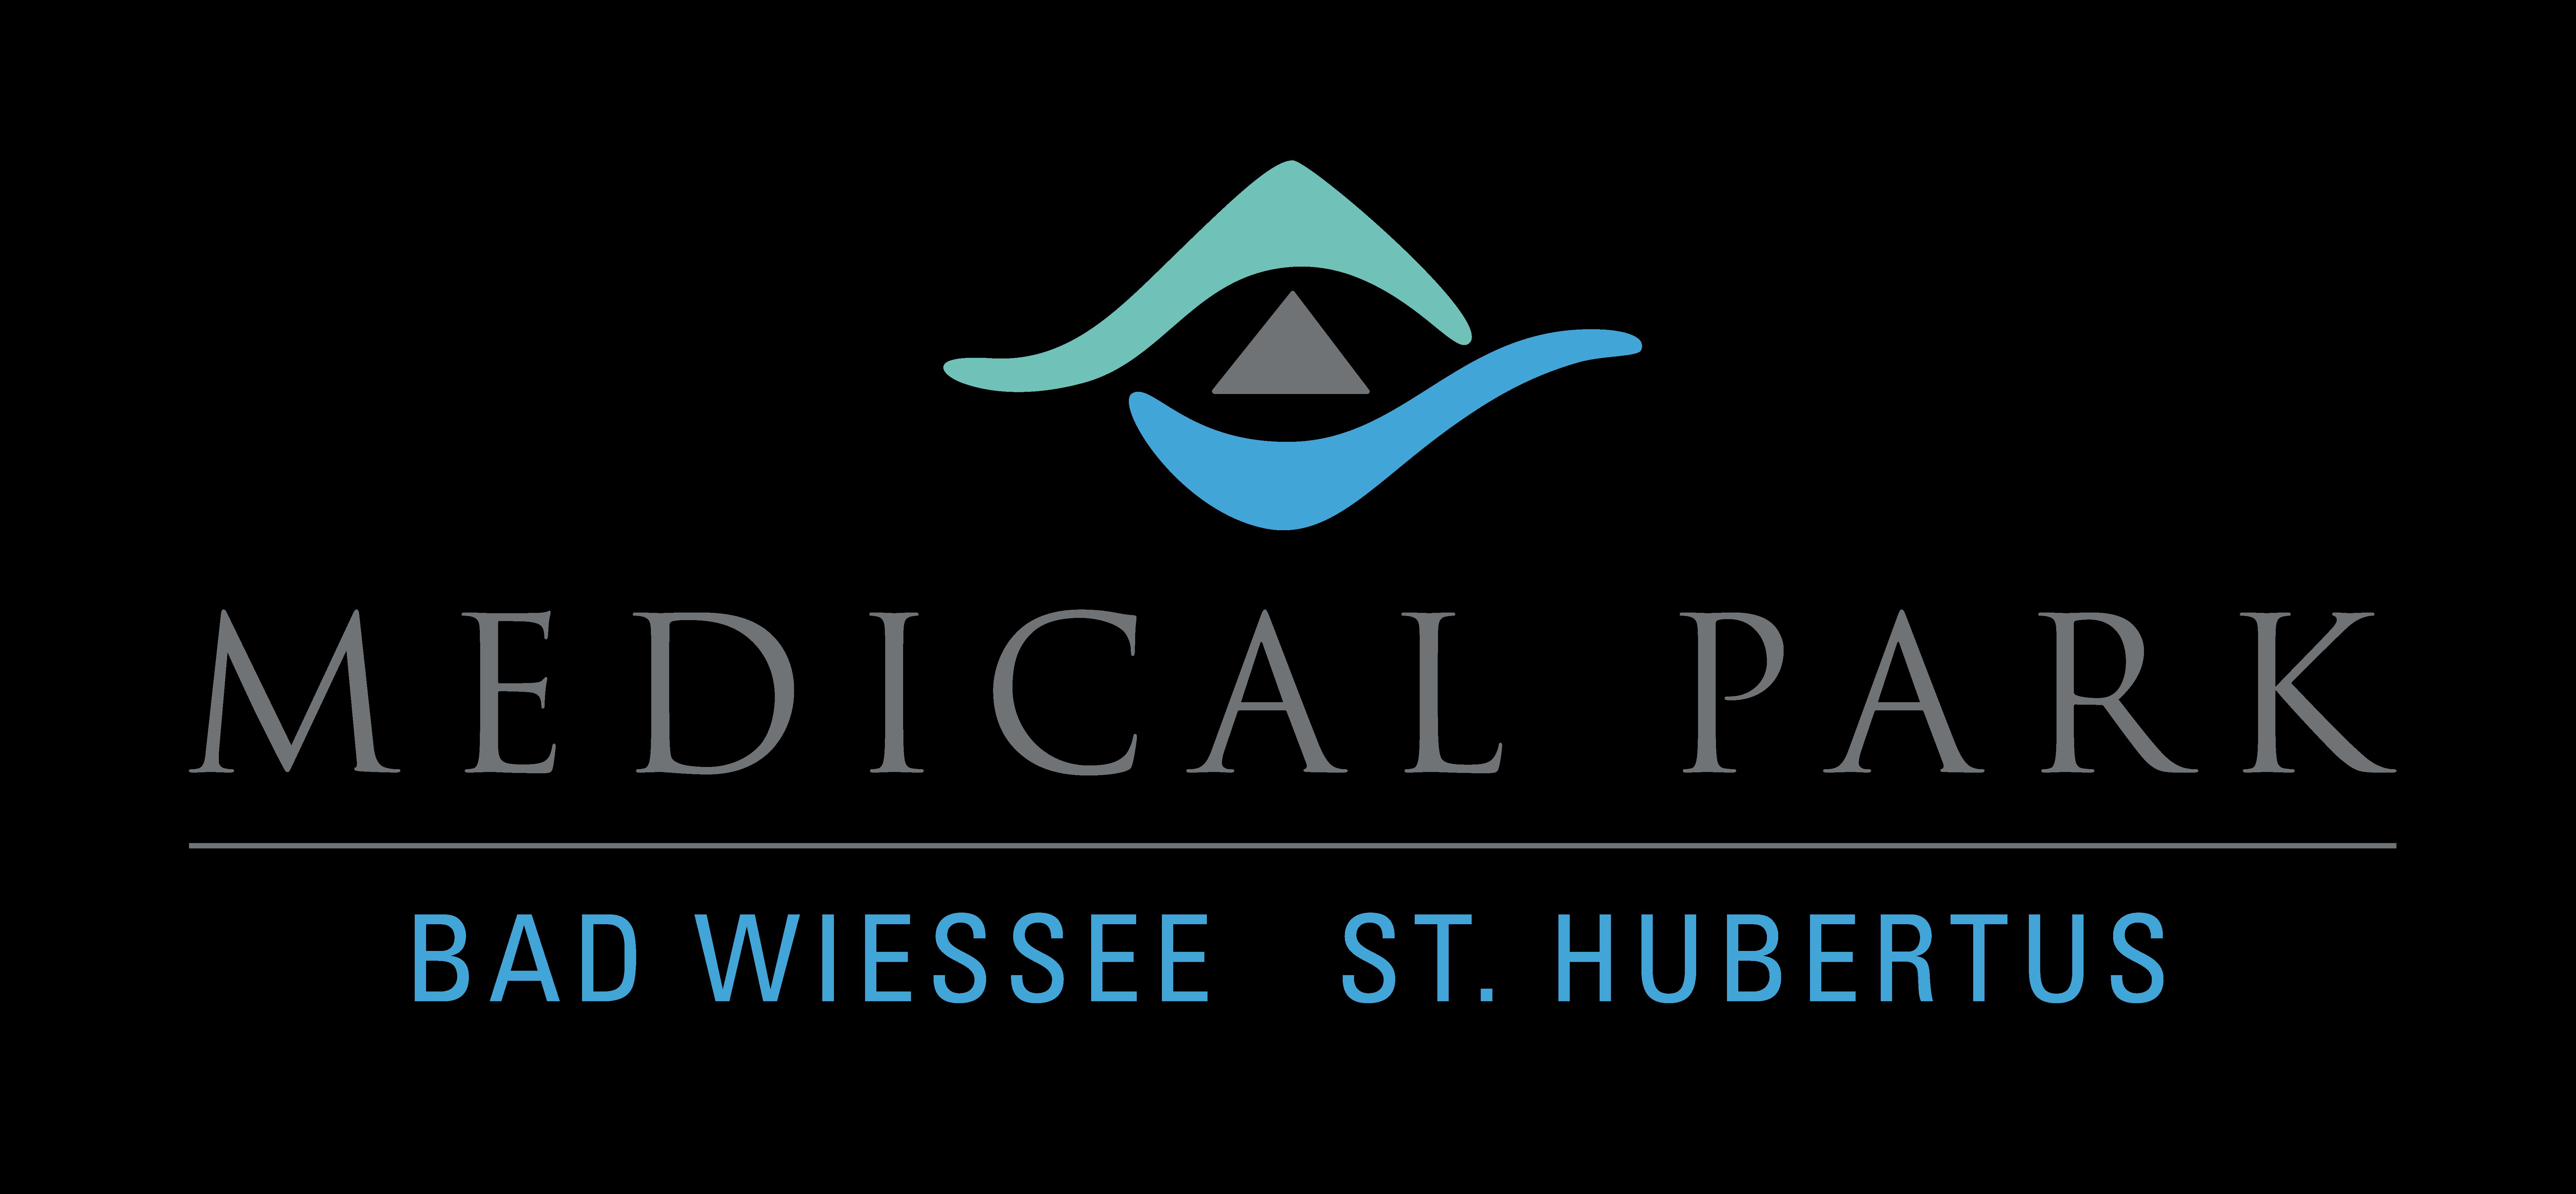 Medical Park Bad Wiessee St. Hubertus